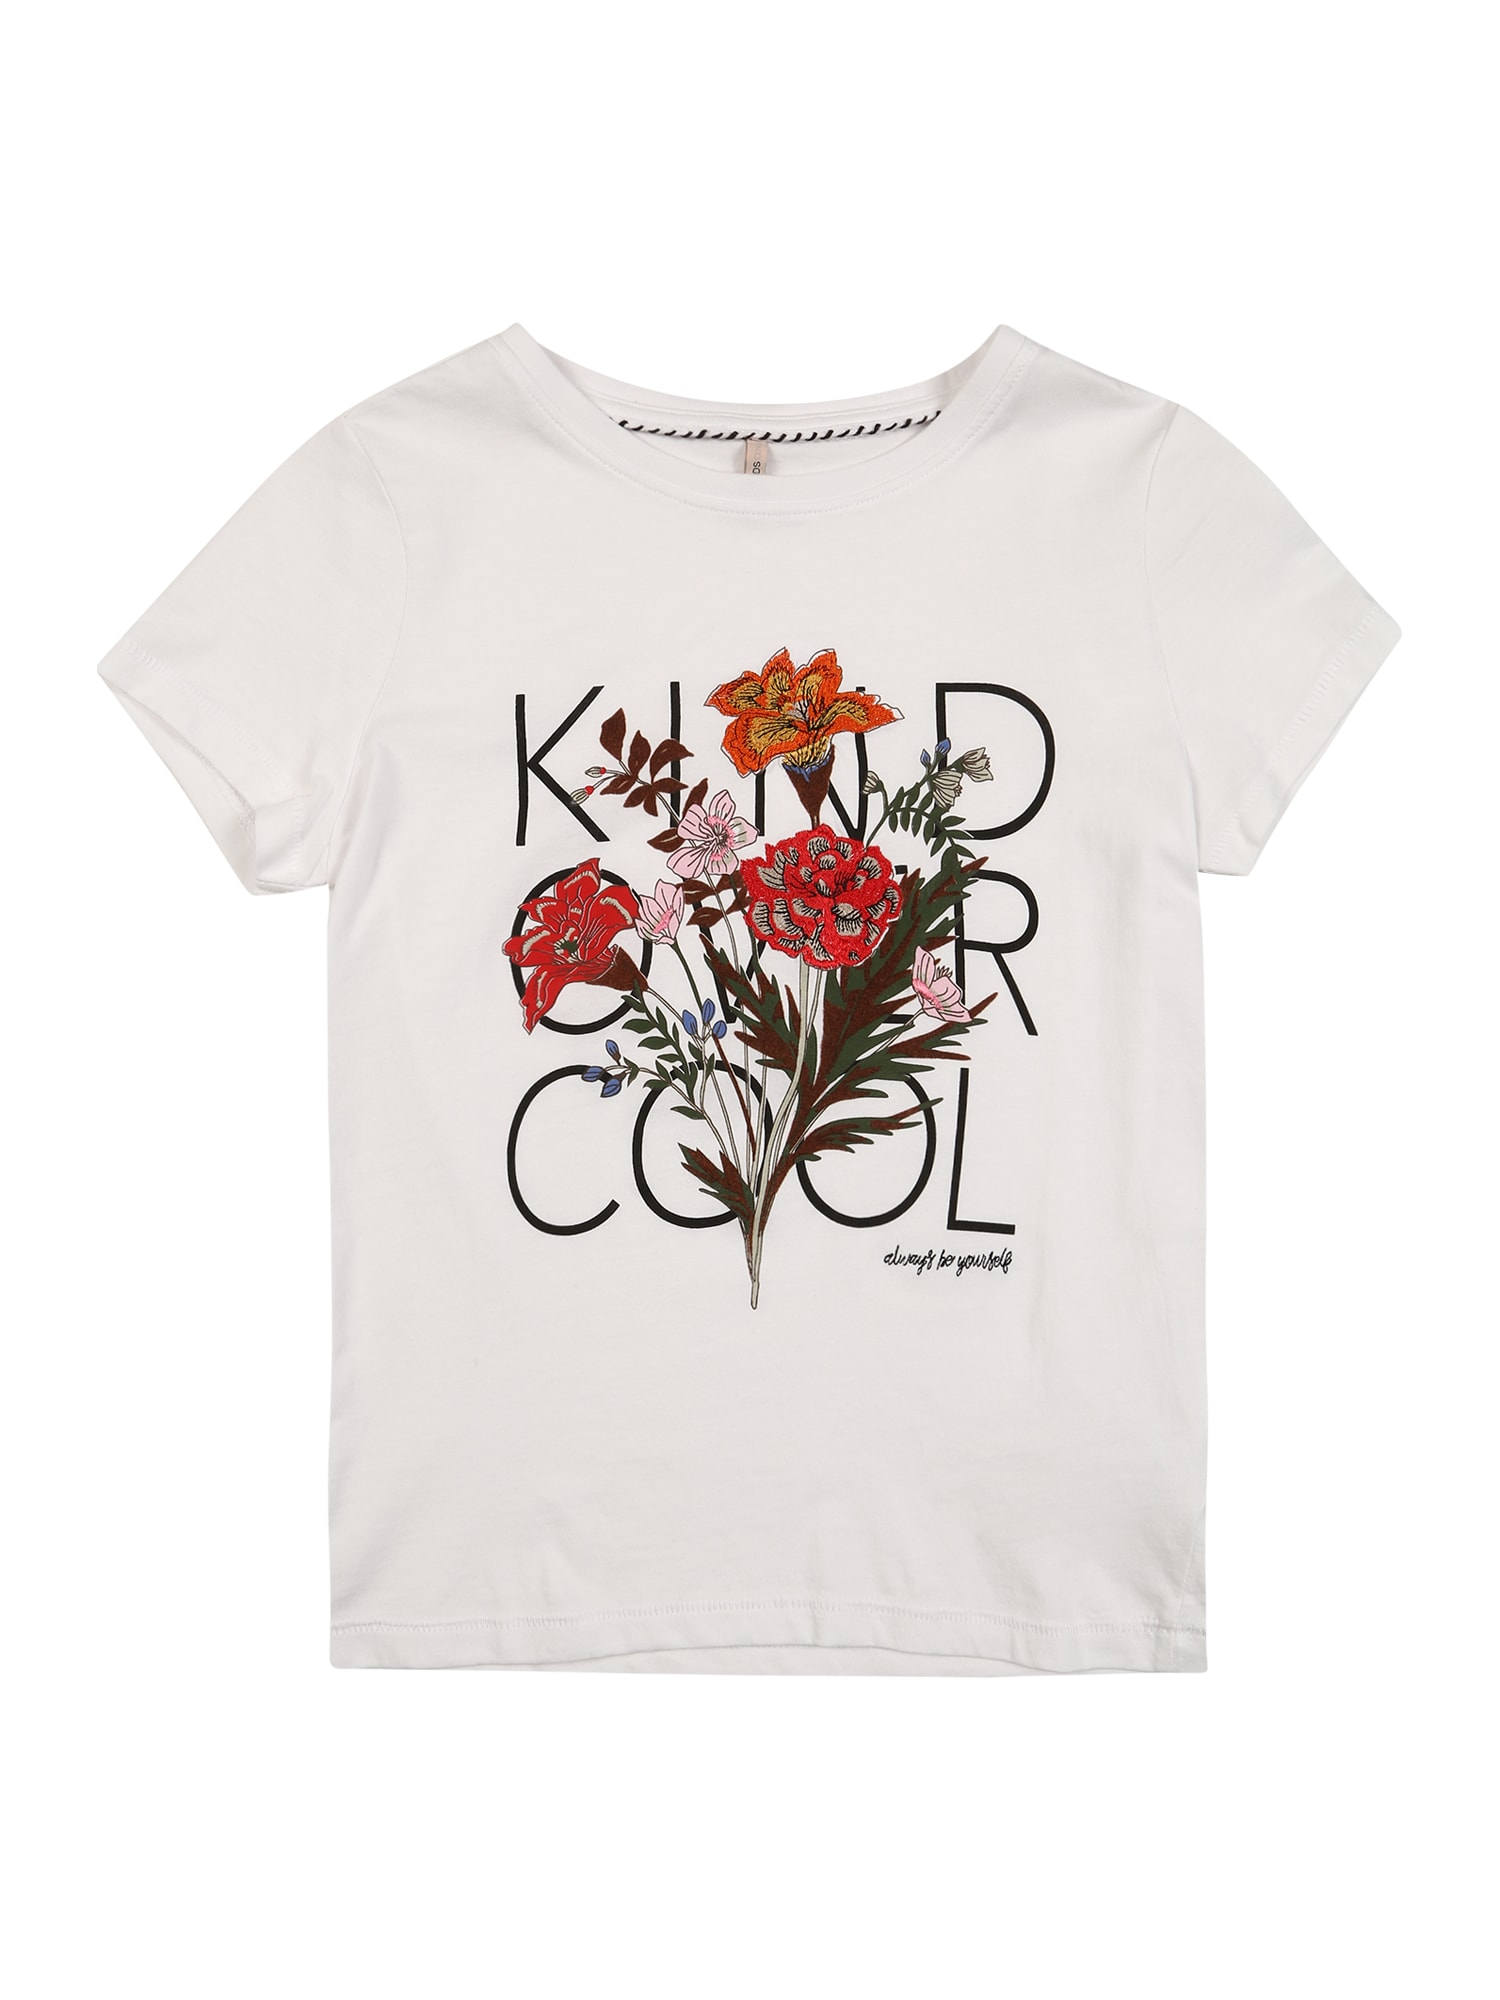 KIDS ONLY Tričko 'KITA'  bílá / světle červená / růžová / černá / vínově červená / smaragdová / nebeská modř / oranžová / zlatě žlutá